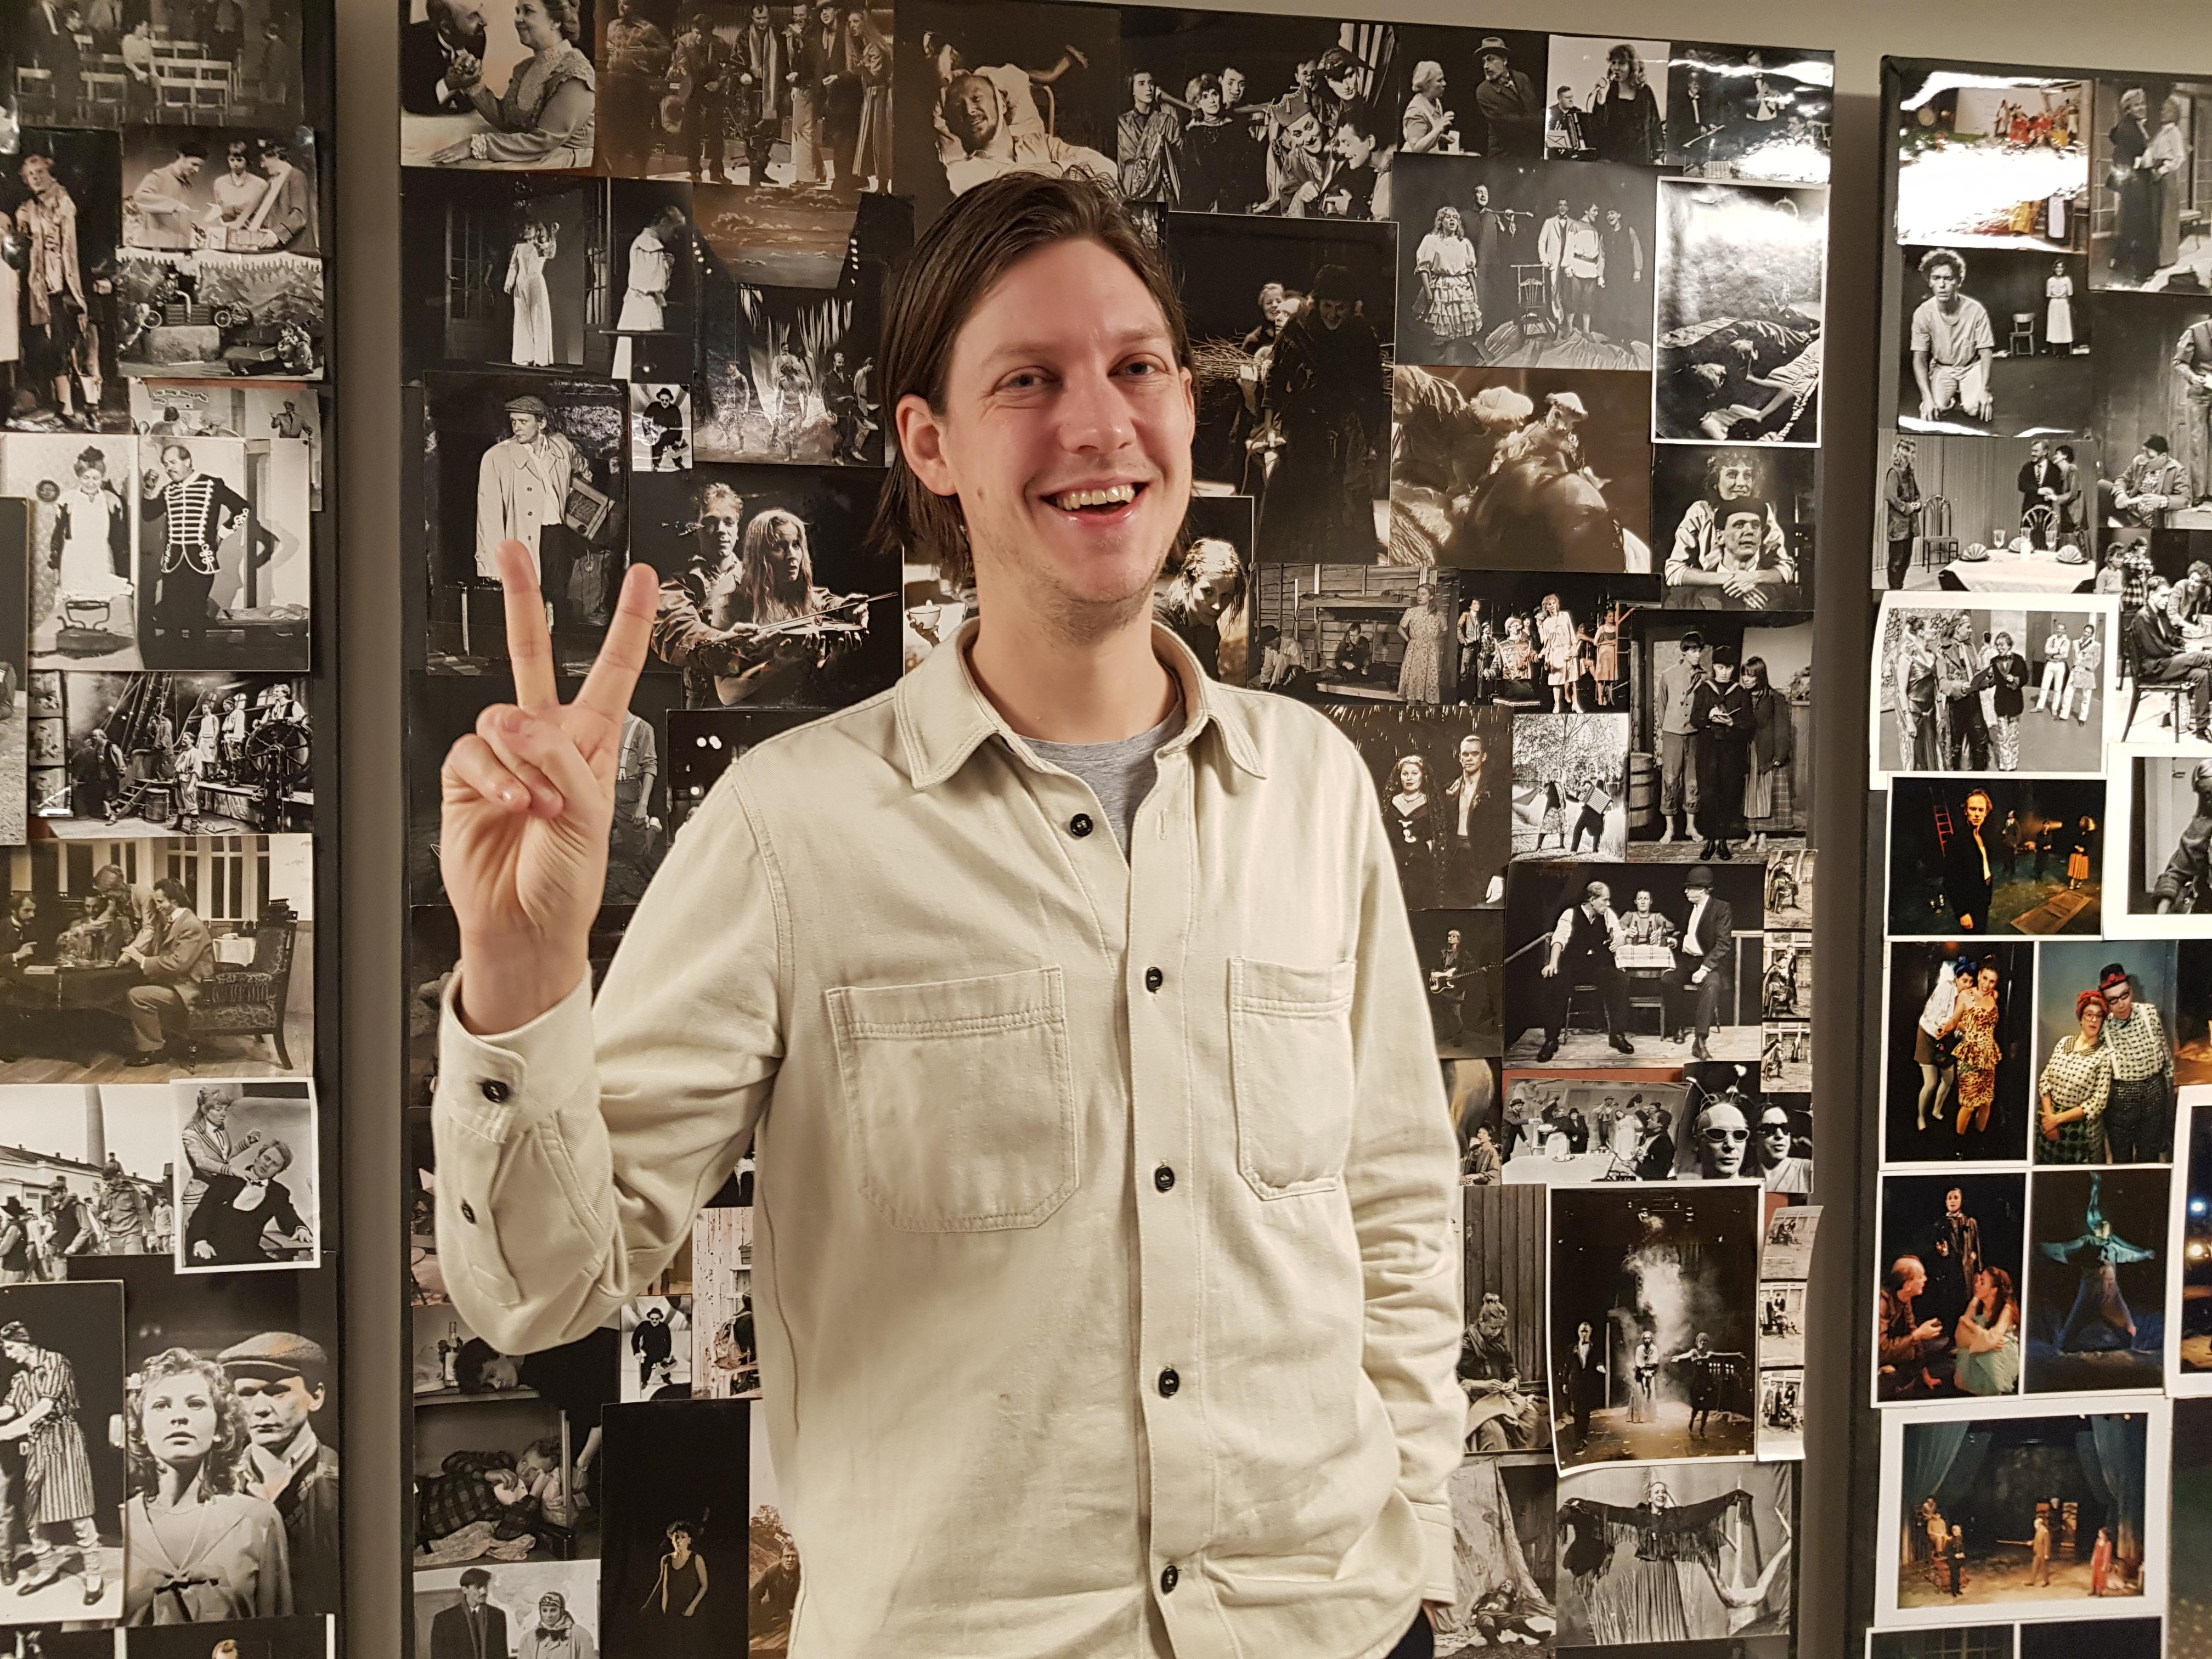 Kristoffer står framför en vägg med svartvita teaterbilder. Han bär en beige jeansskjorta och gör segertecken med ena handen